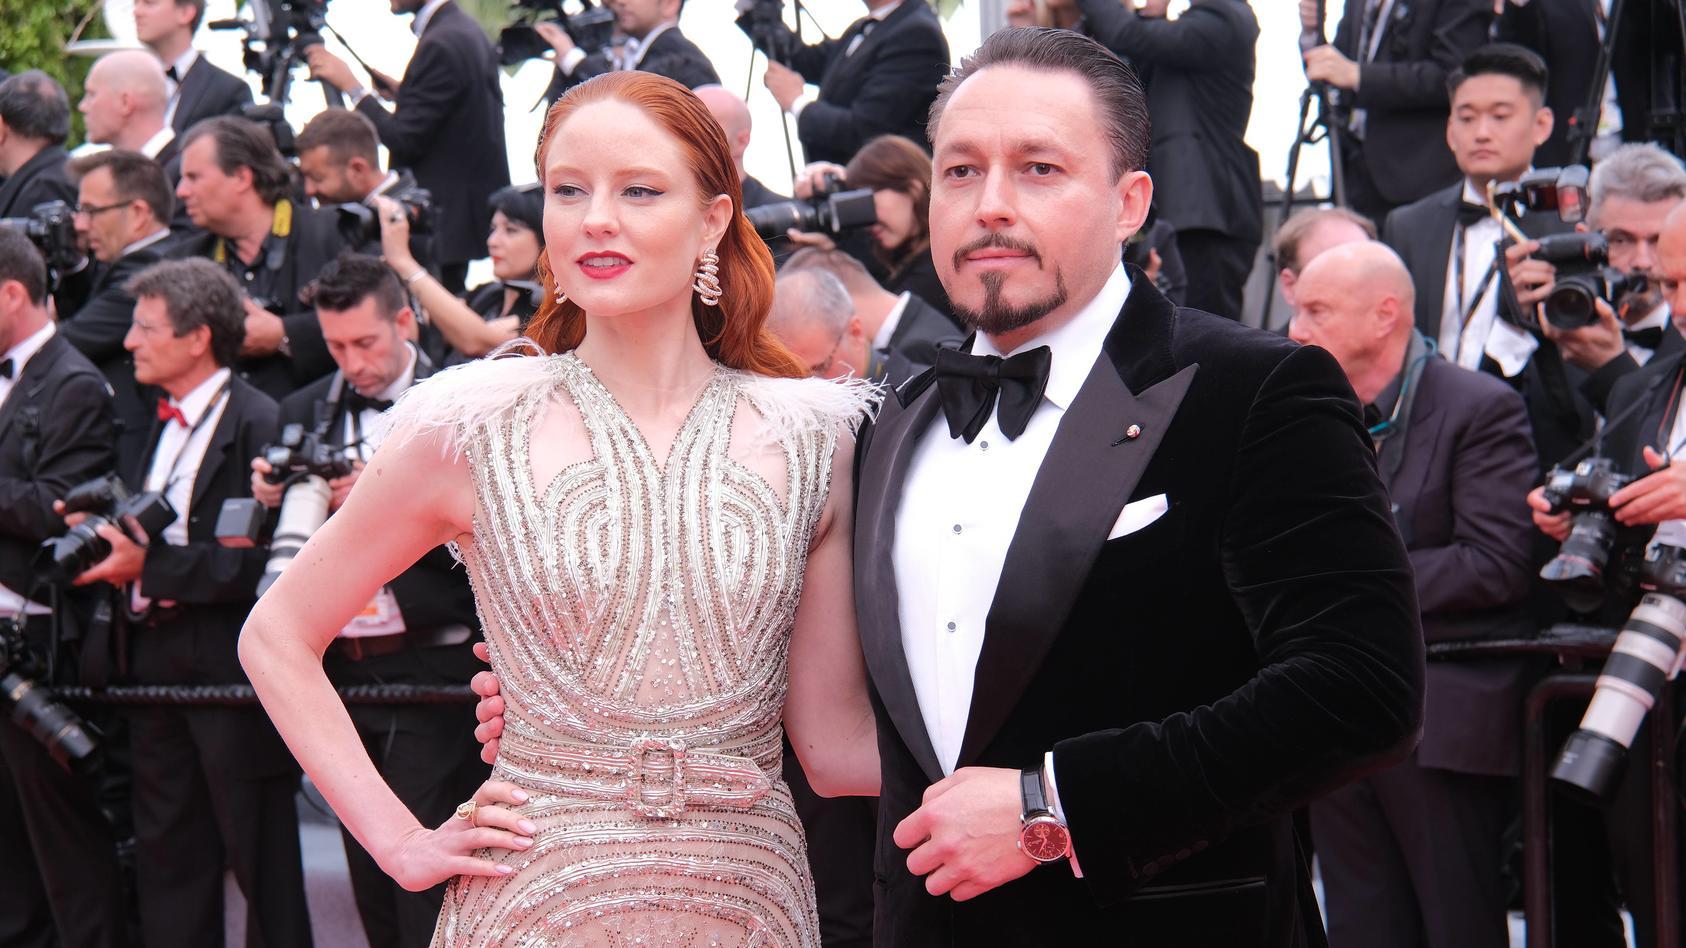 Barbara Meier und ihr Verlobter Klemens Hallmann bei den Filmfestspielen in Cannes